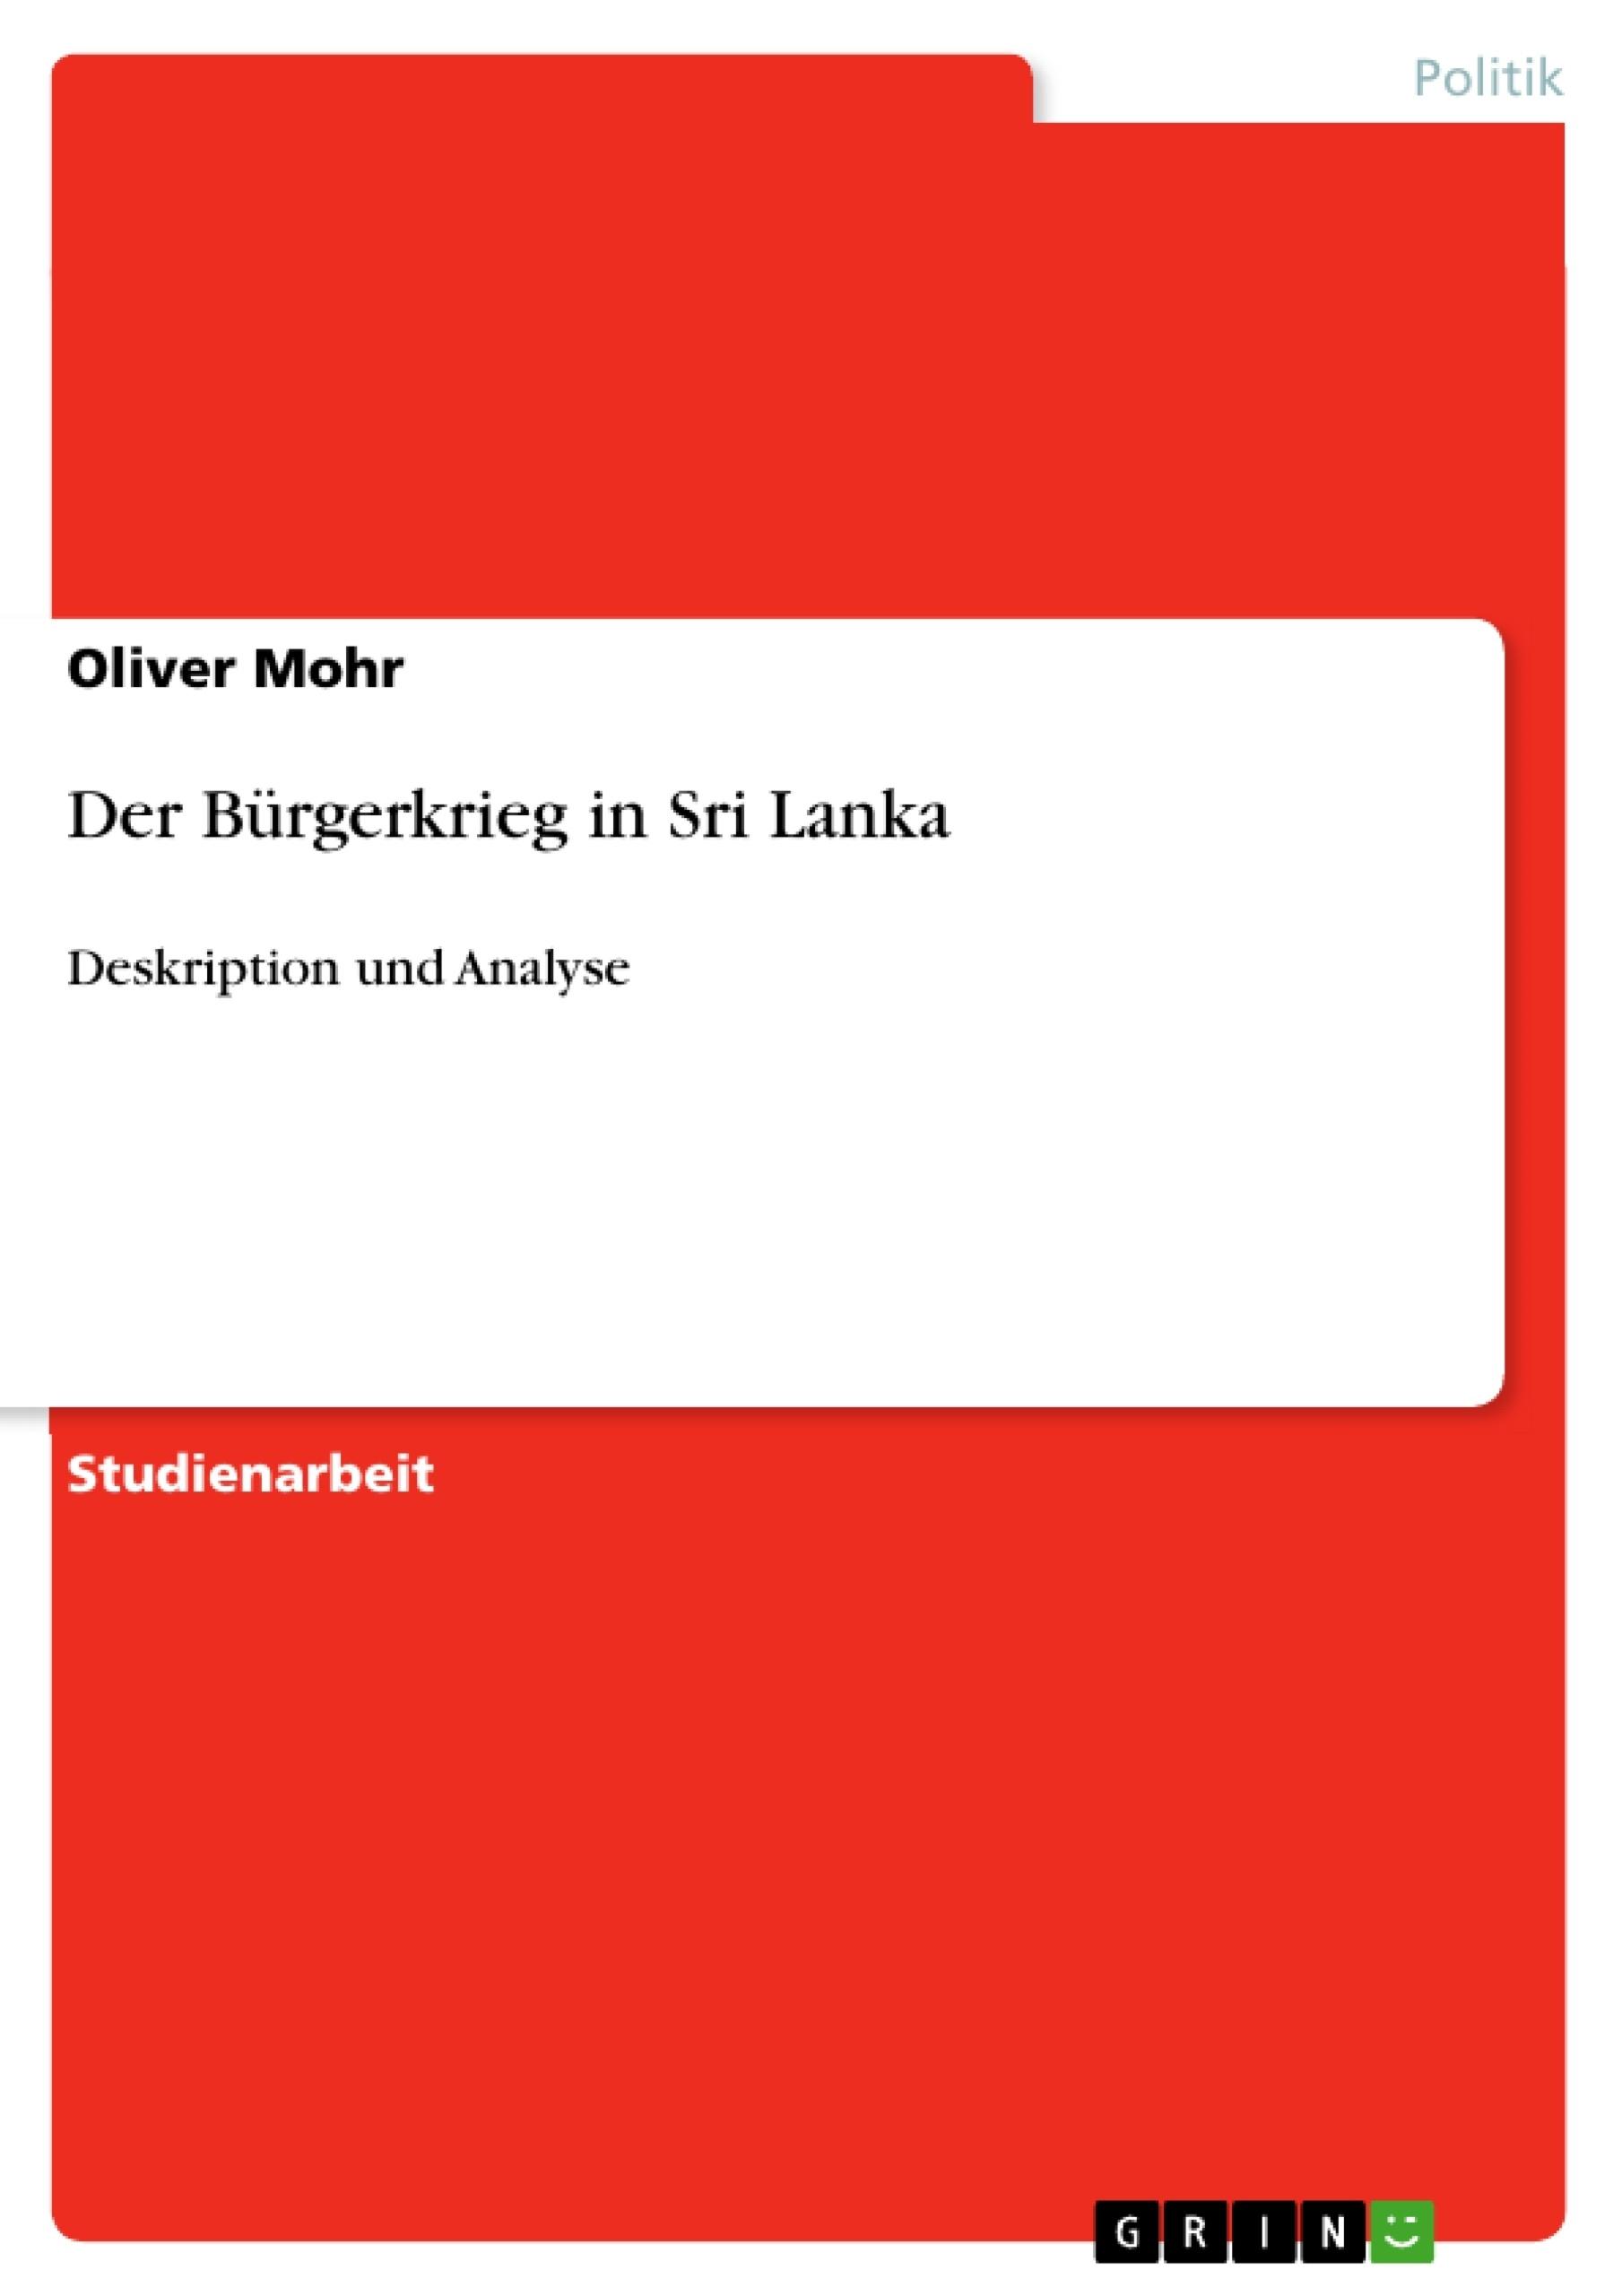 Titel: Der Bürgerkrieg in Sri Lanka